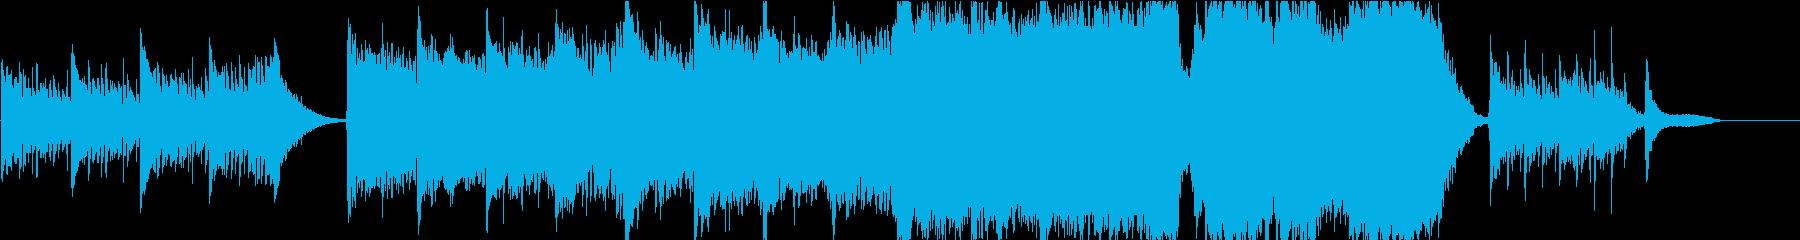 感動と勝利の場面に〜透明感ある壮大な曲1の再生済みの波形